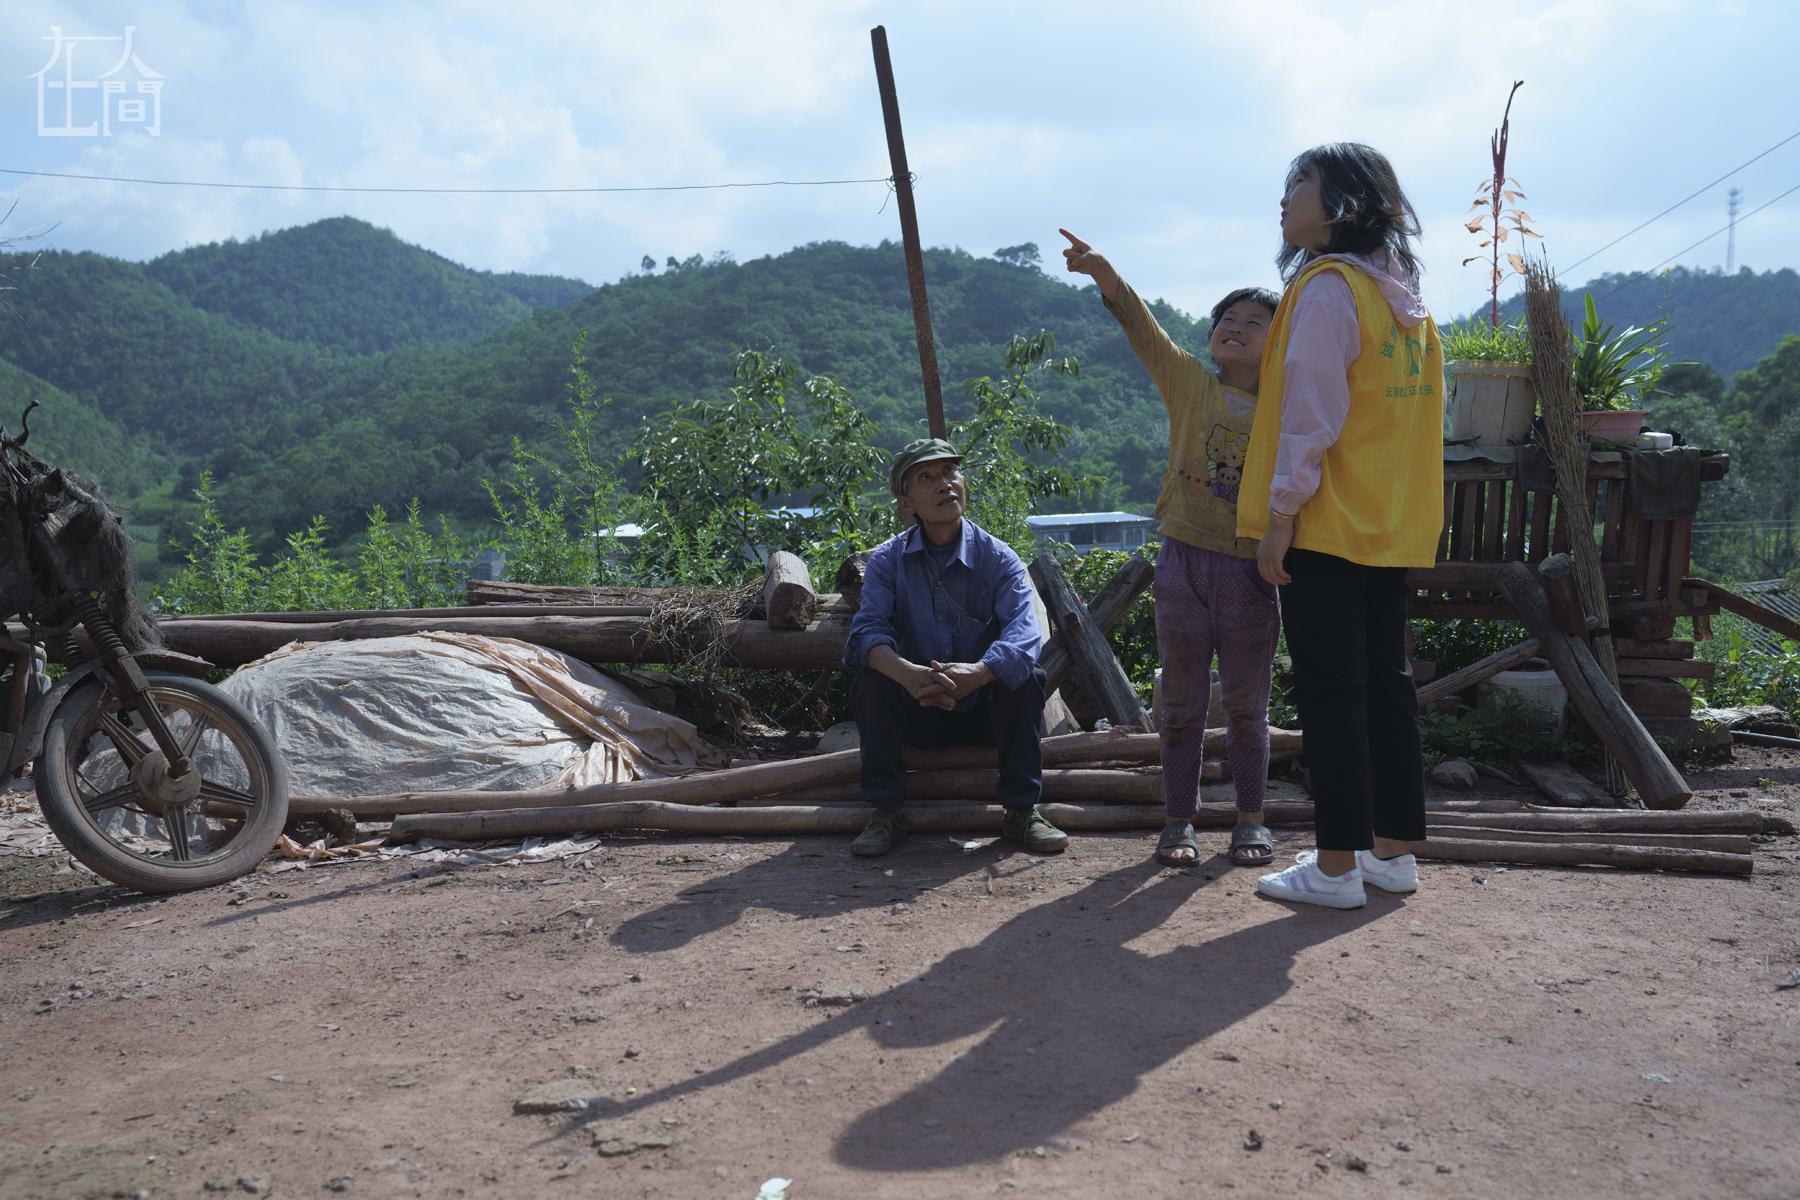 在人间 在云南、青海和广西,这场行动正在改变命运